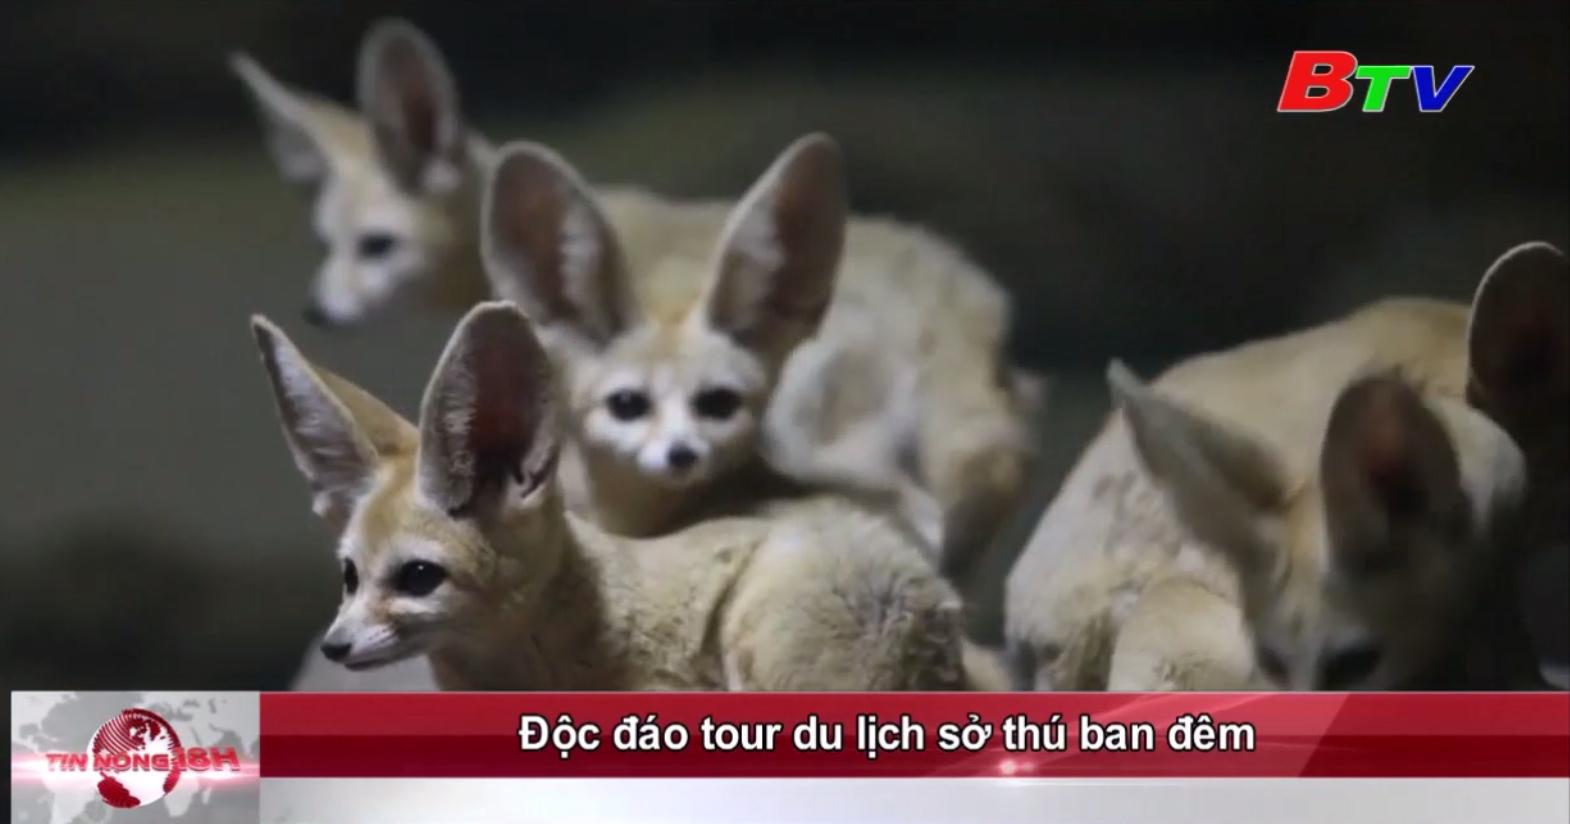 Độc đáo tour du lịch sở thú ban đêm